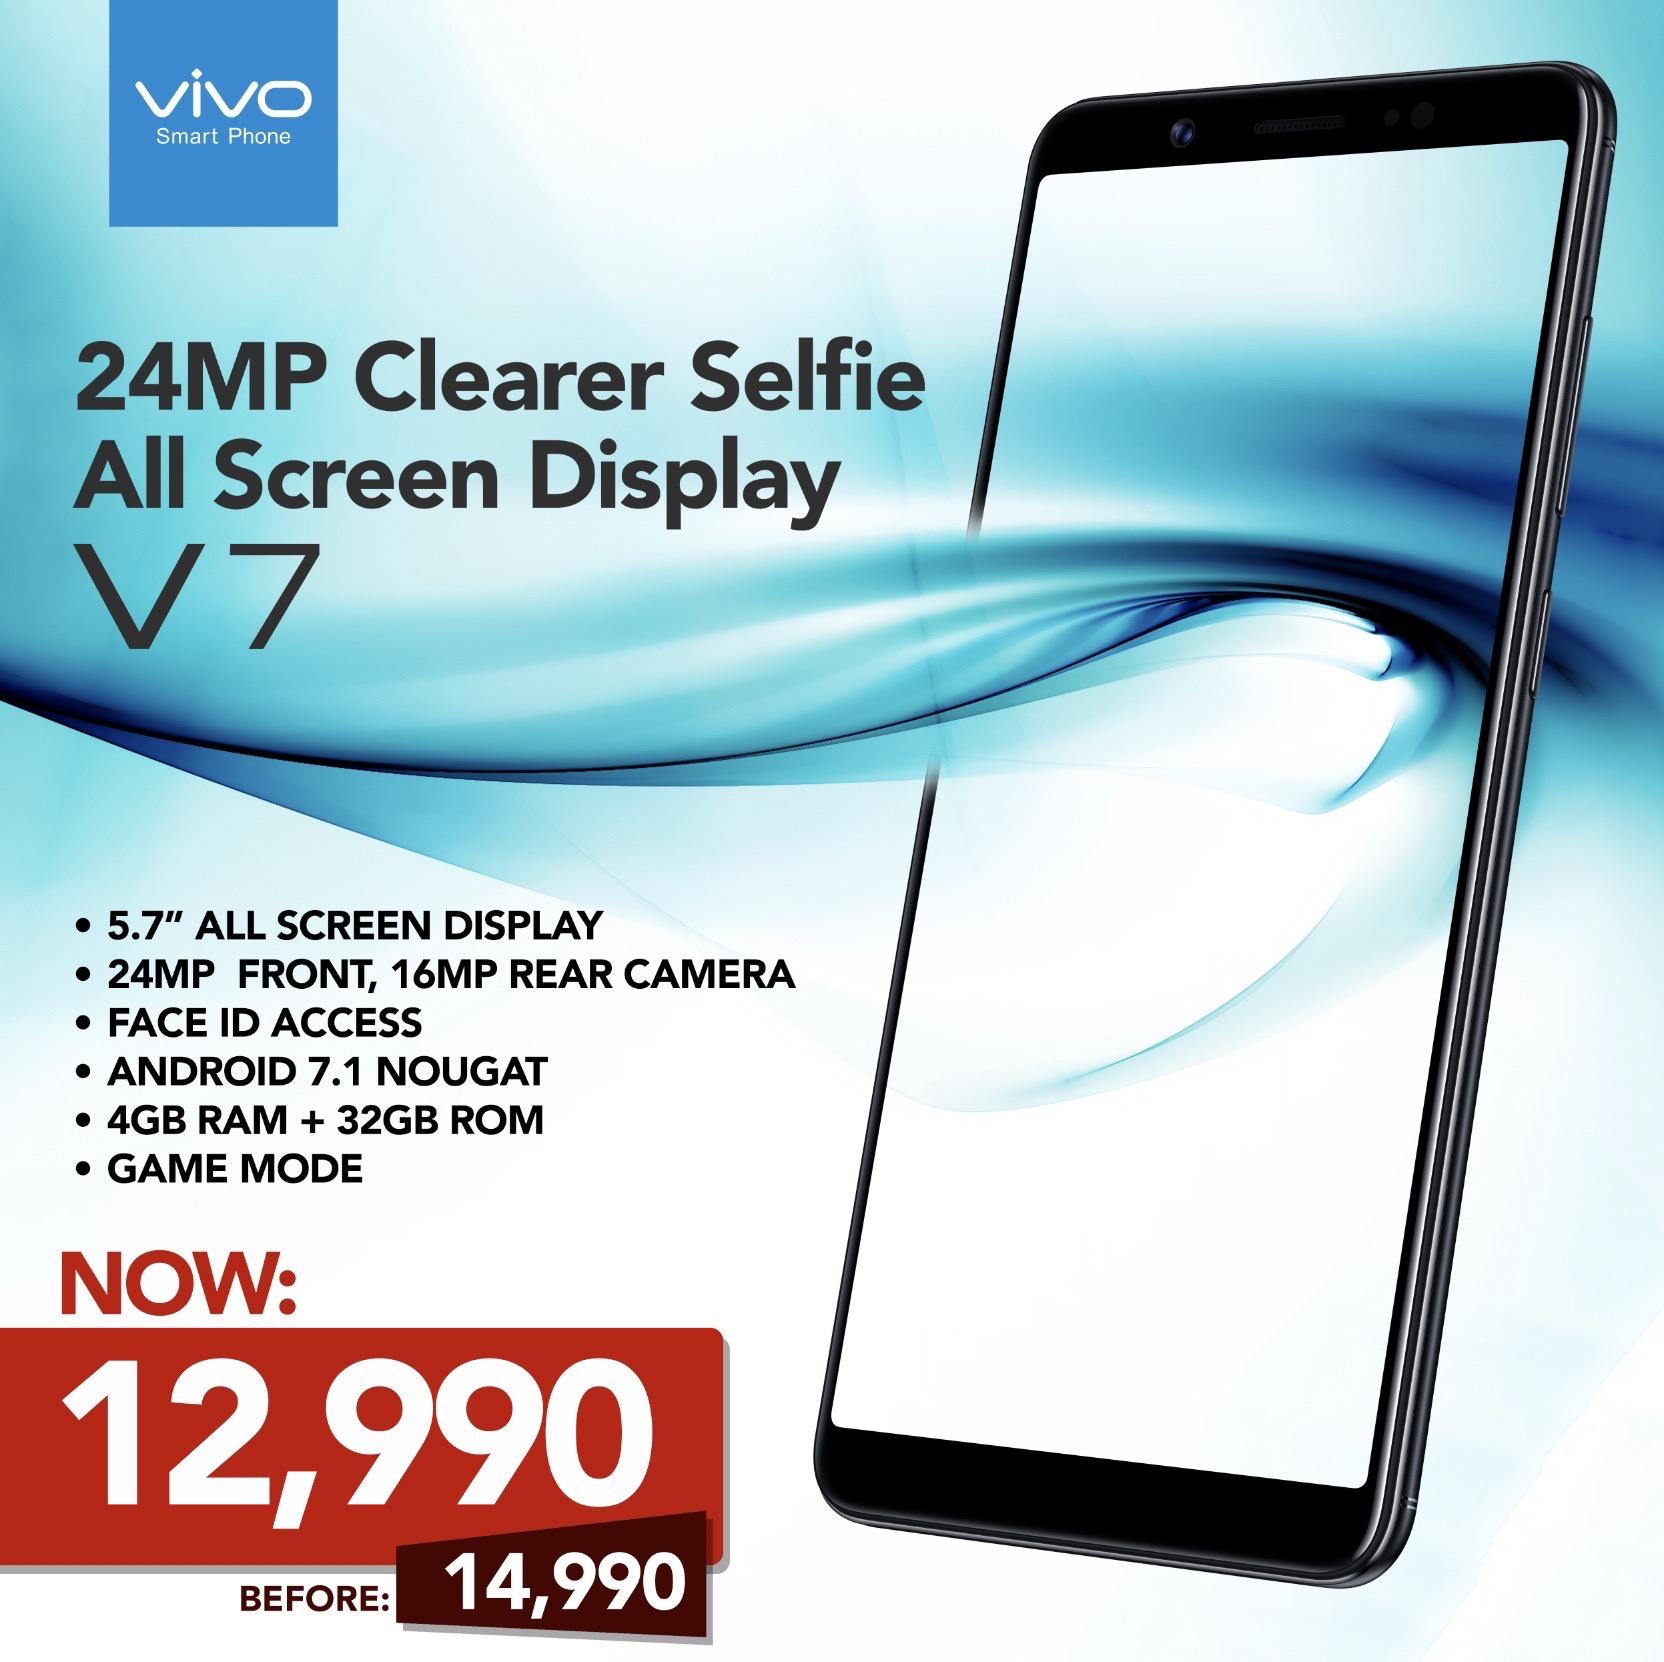 The Vivo V7.